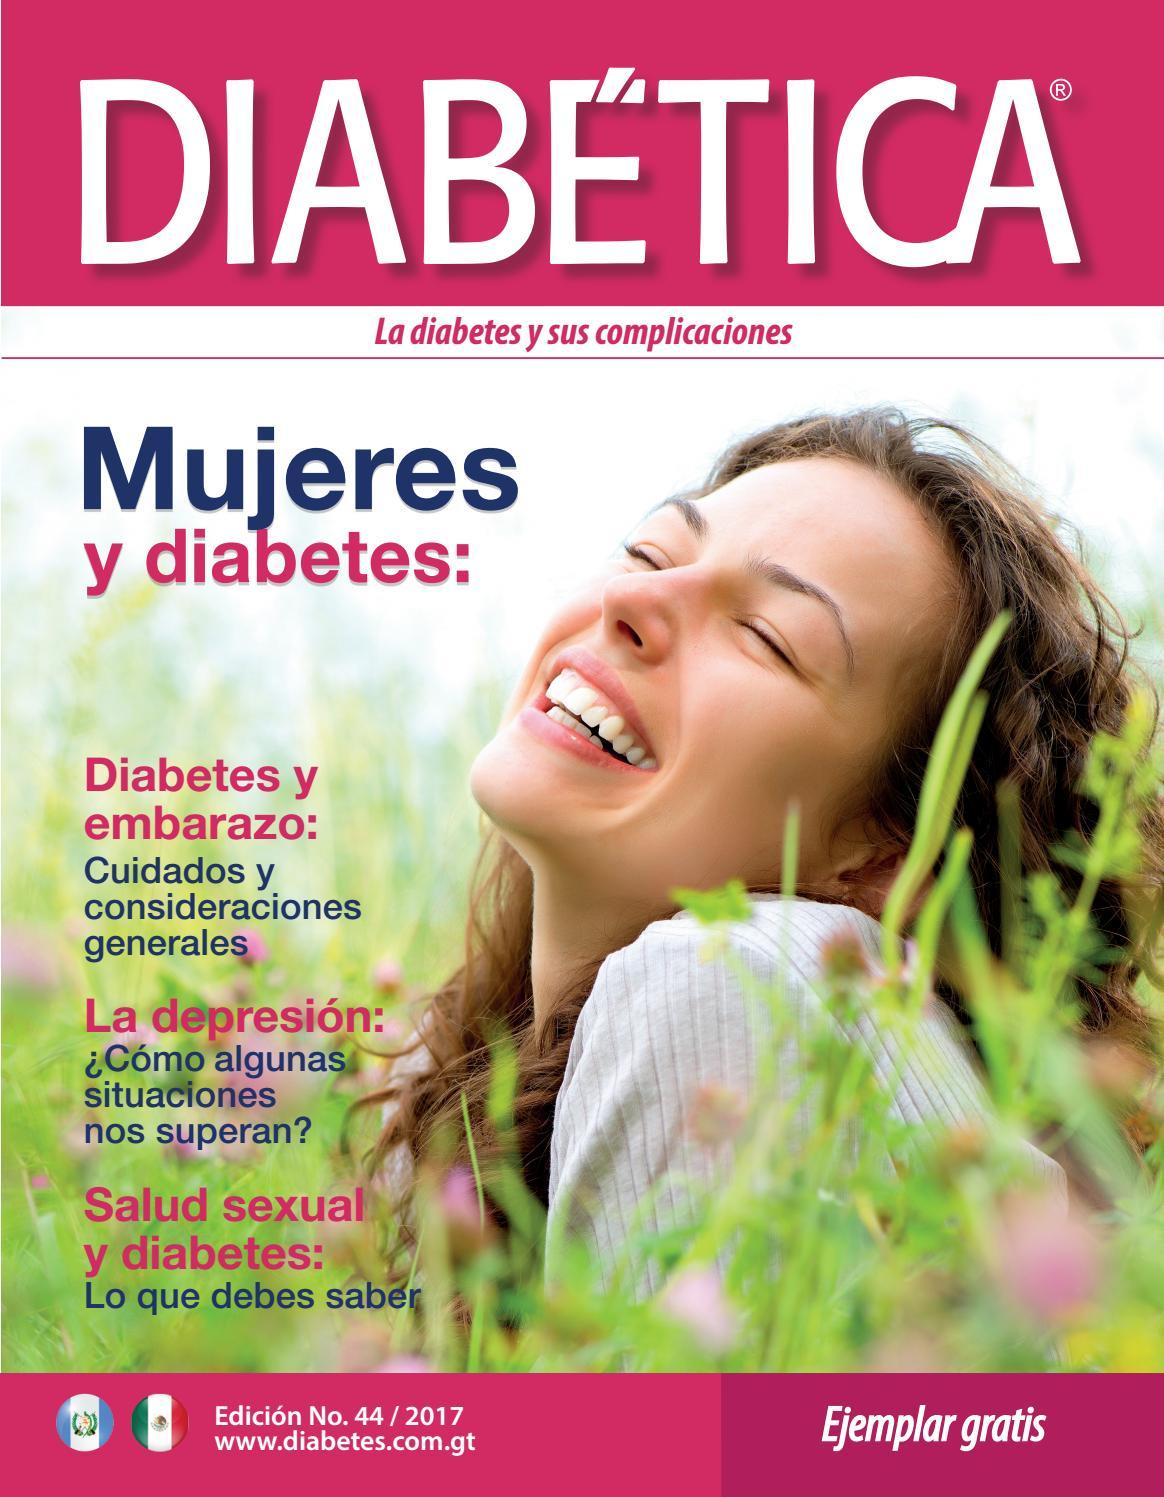 diagnosticar la diabetes desde el principio, sabes